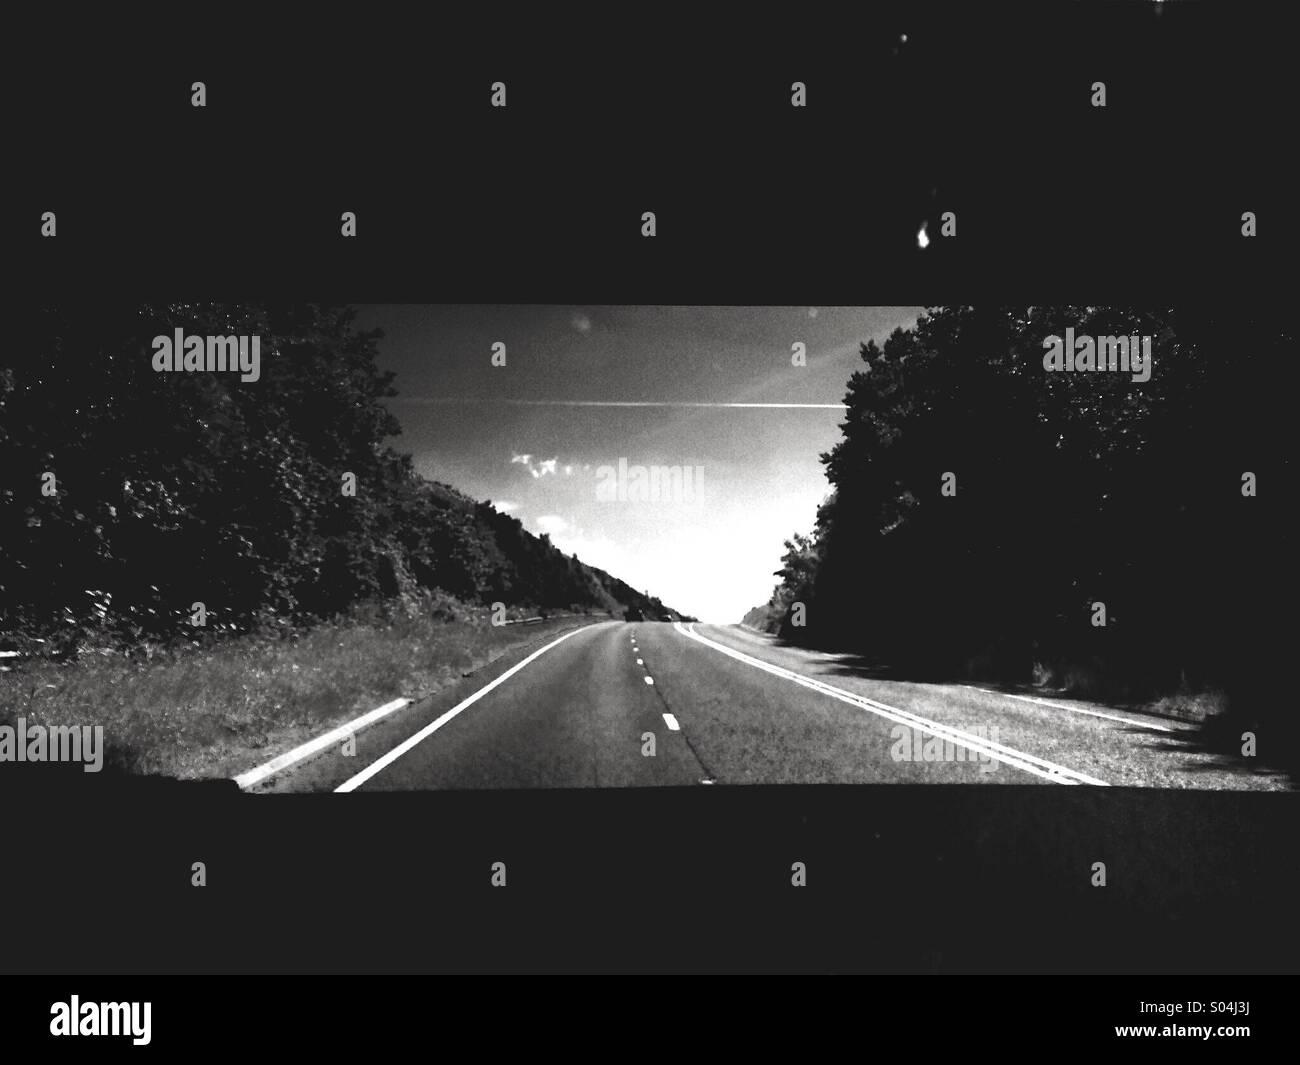 Ver a través del parabrisas de un vehículo en movimiento con un camino abierto en la distancia Foto de stock